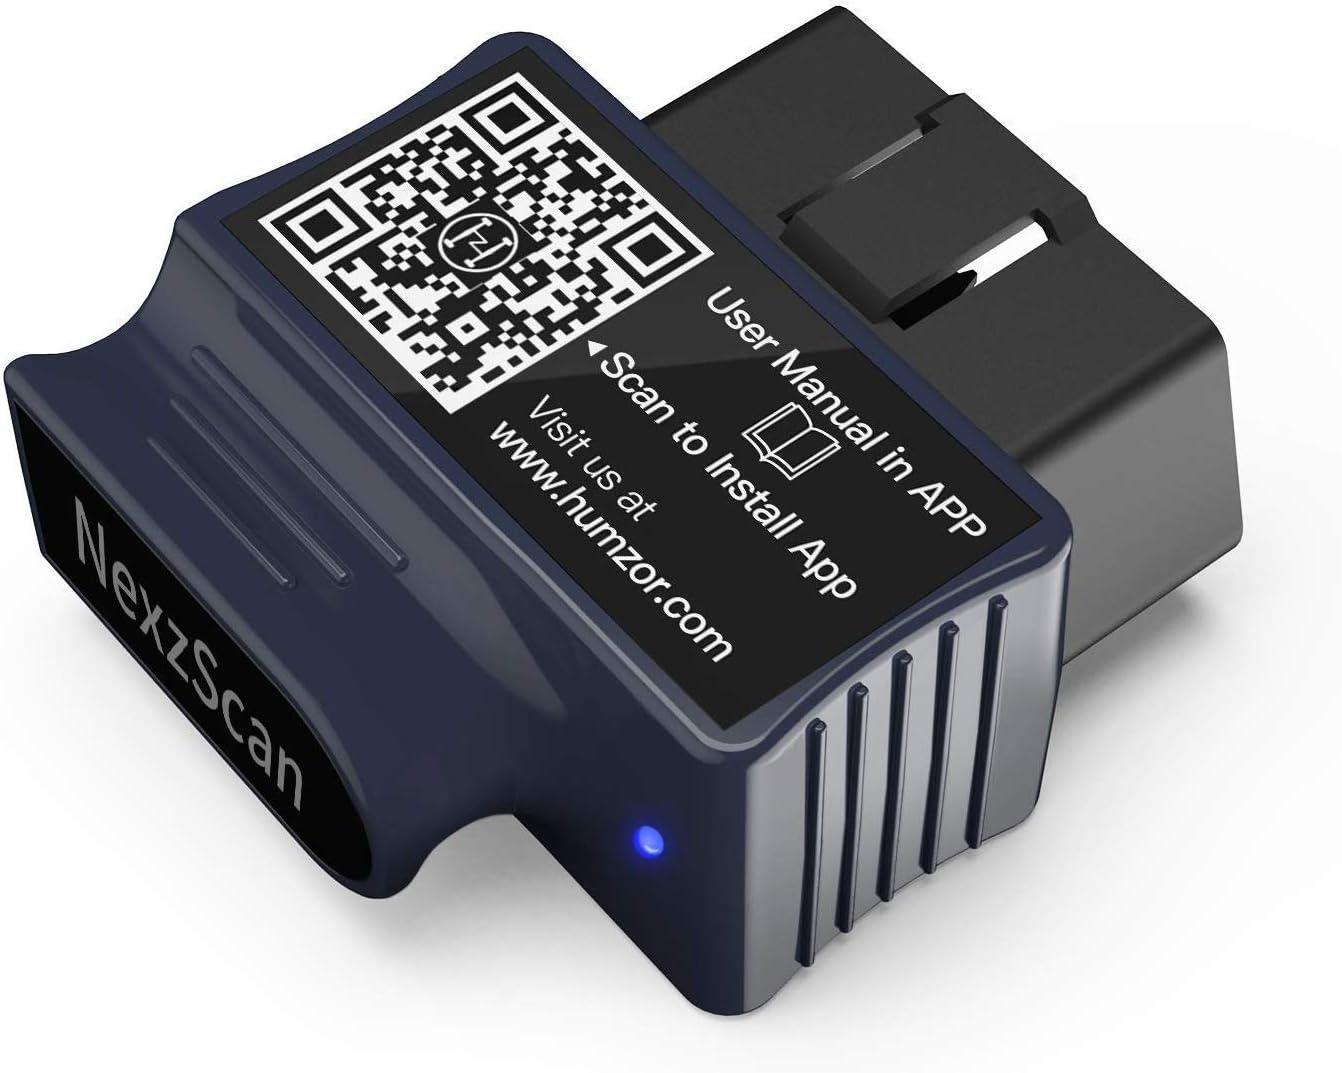 Escáner VXDAS OBD2 Lector de código de coche mejorado Bluetooth Herramienta de escaneo OBDII de diagnóstico profesional automático para Android / iPhone / ipad